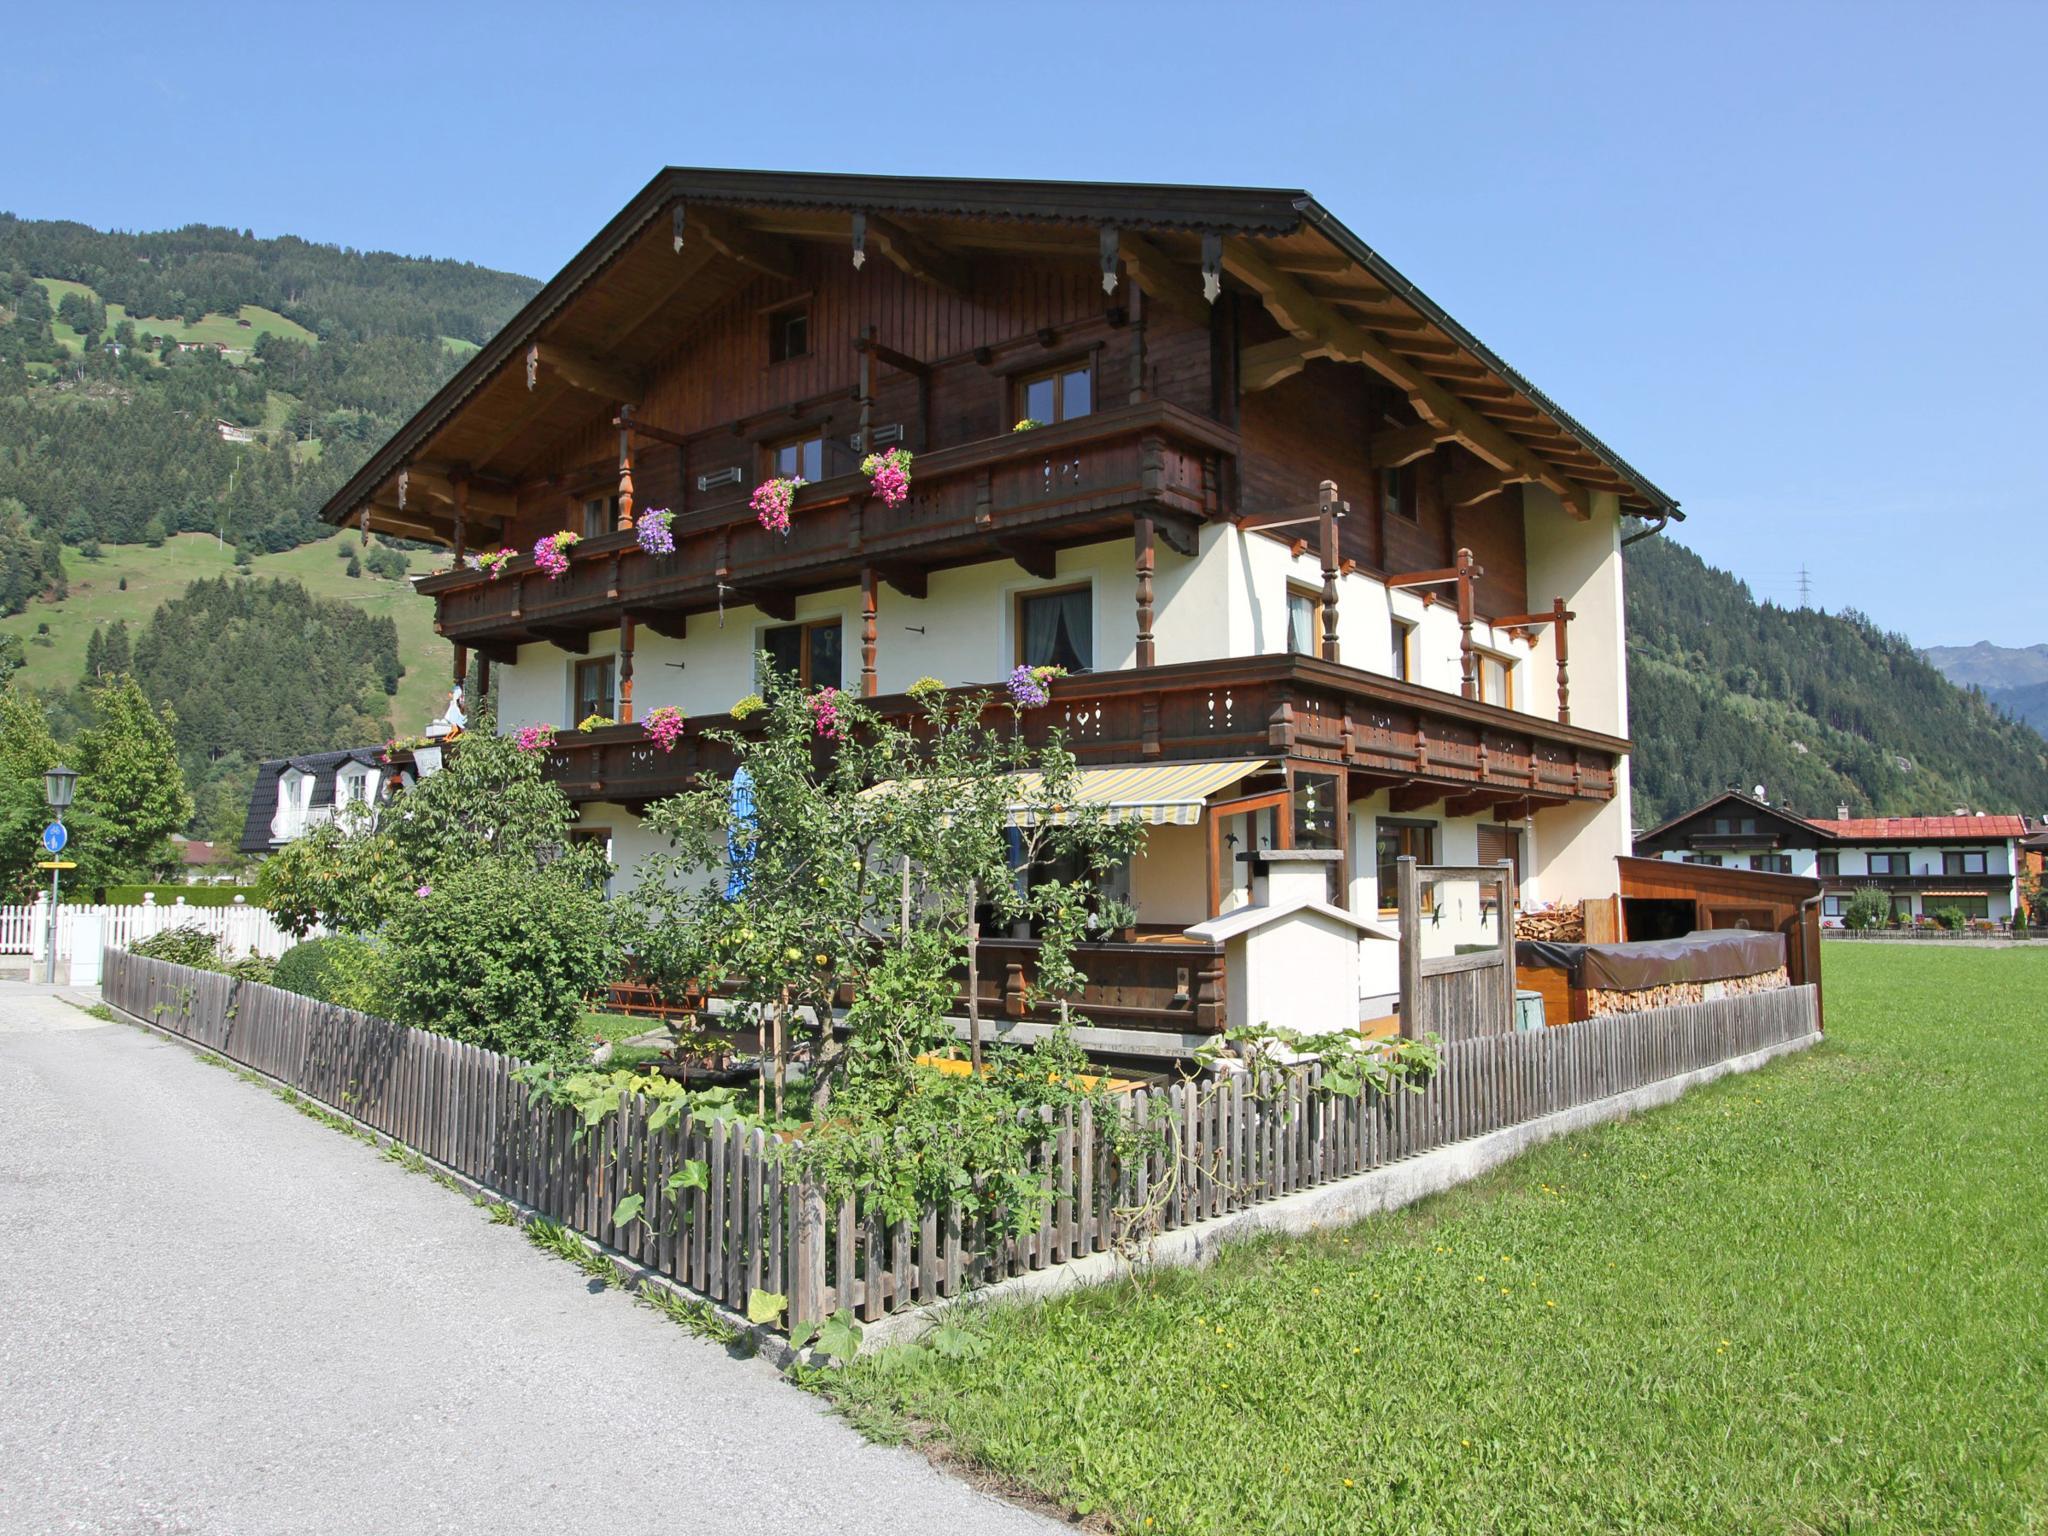 Fankhauser I Tirol